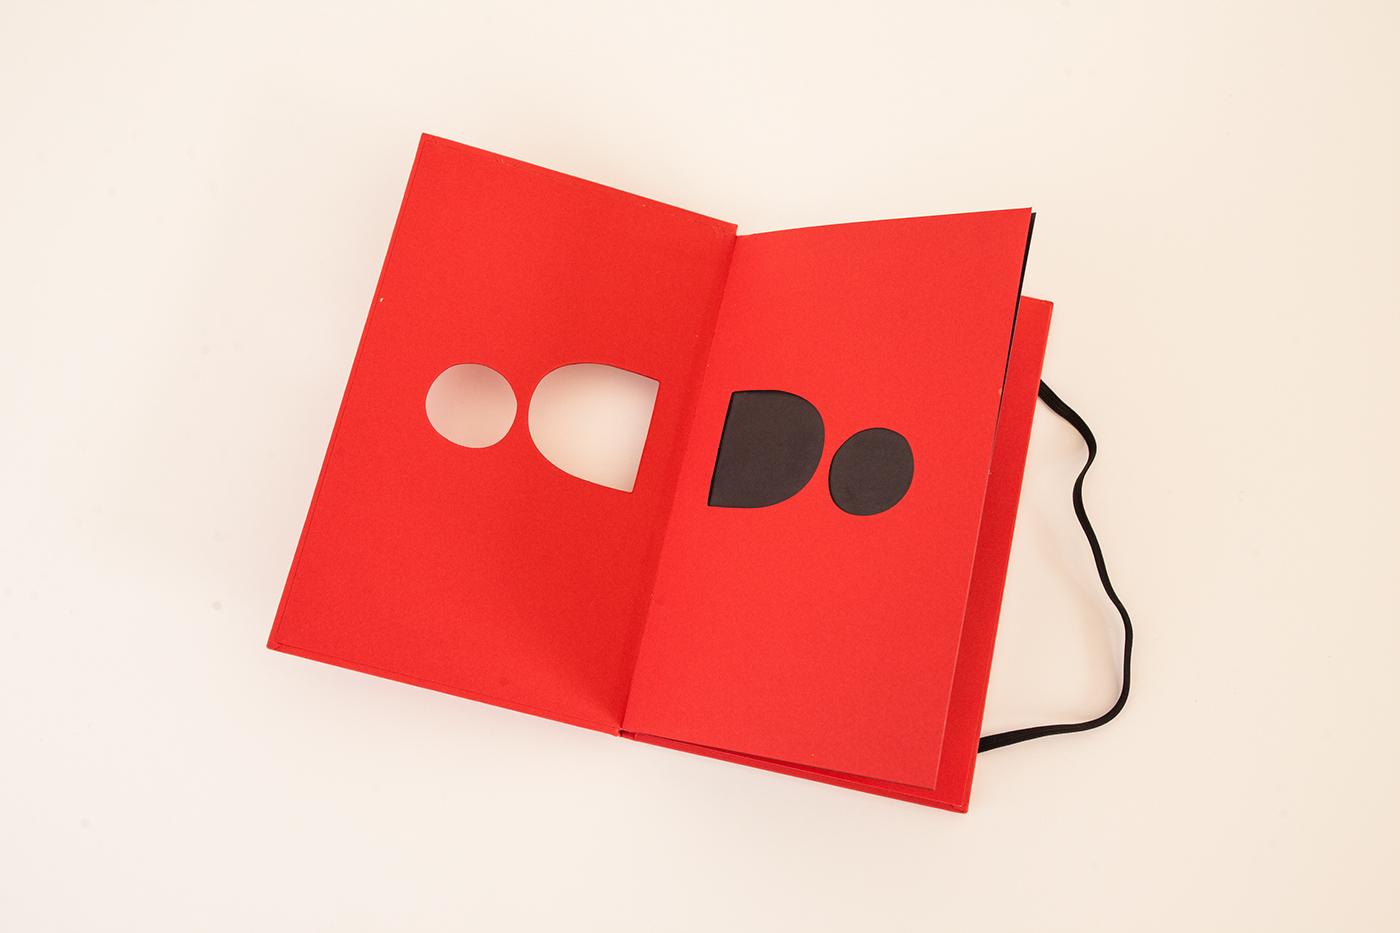 有獨特感的23個筆記本封面設計欣賞